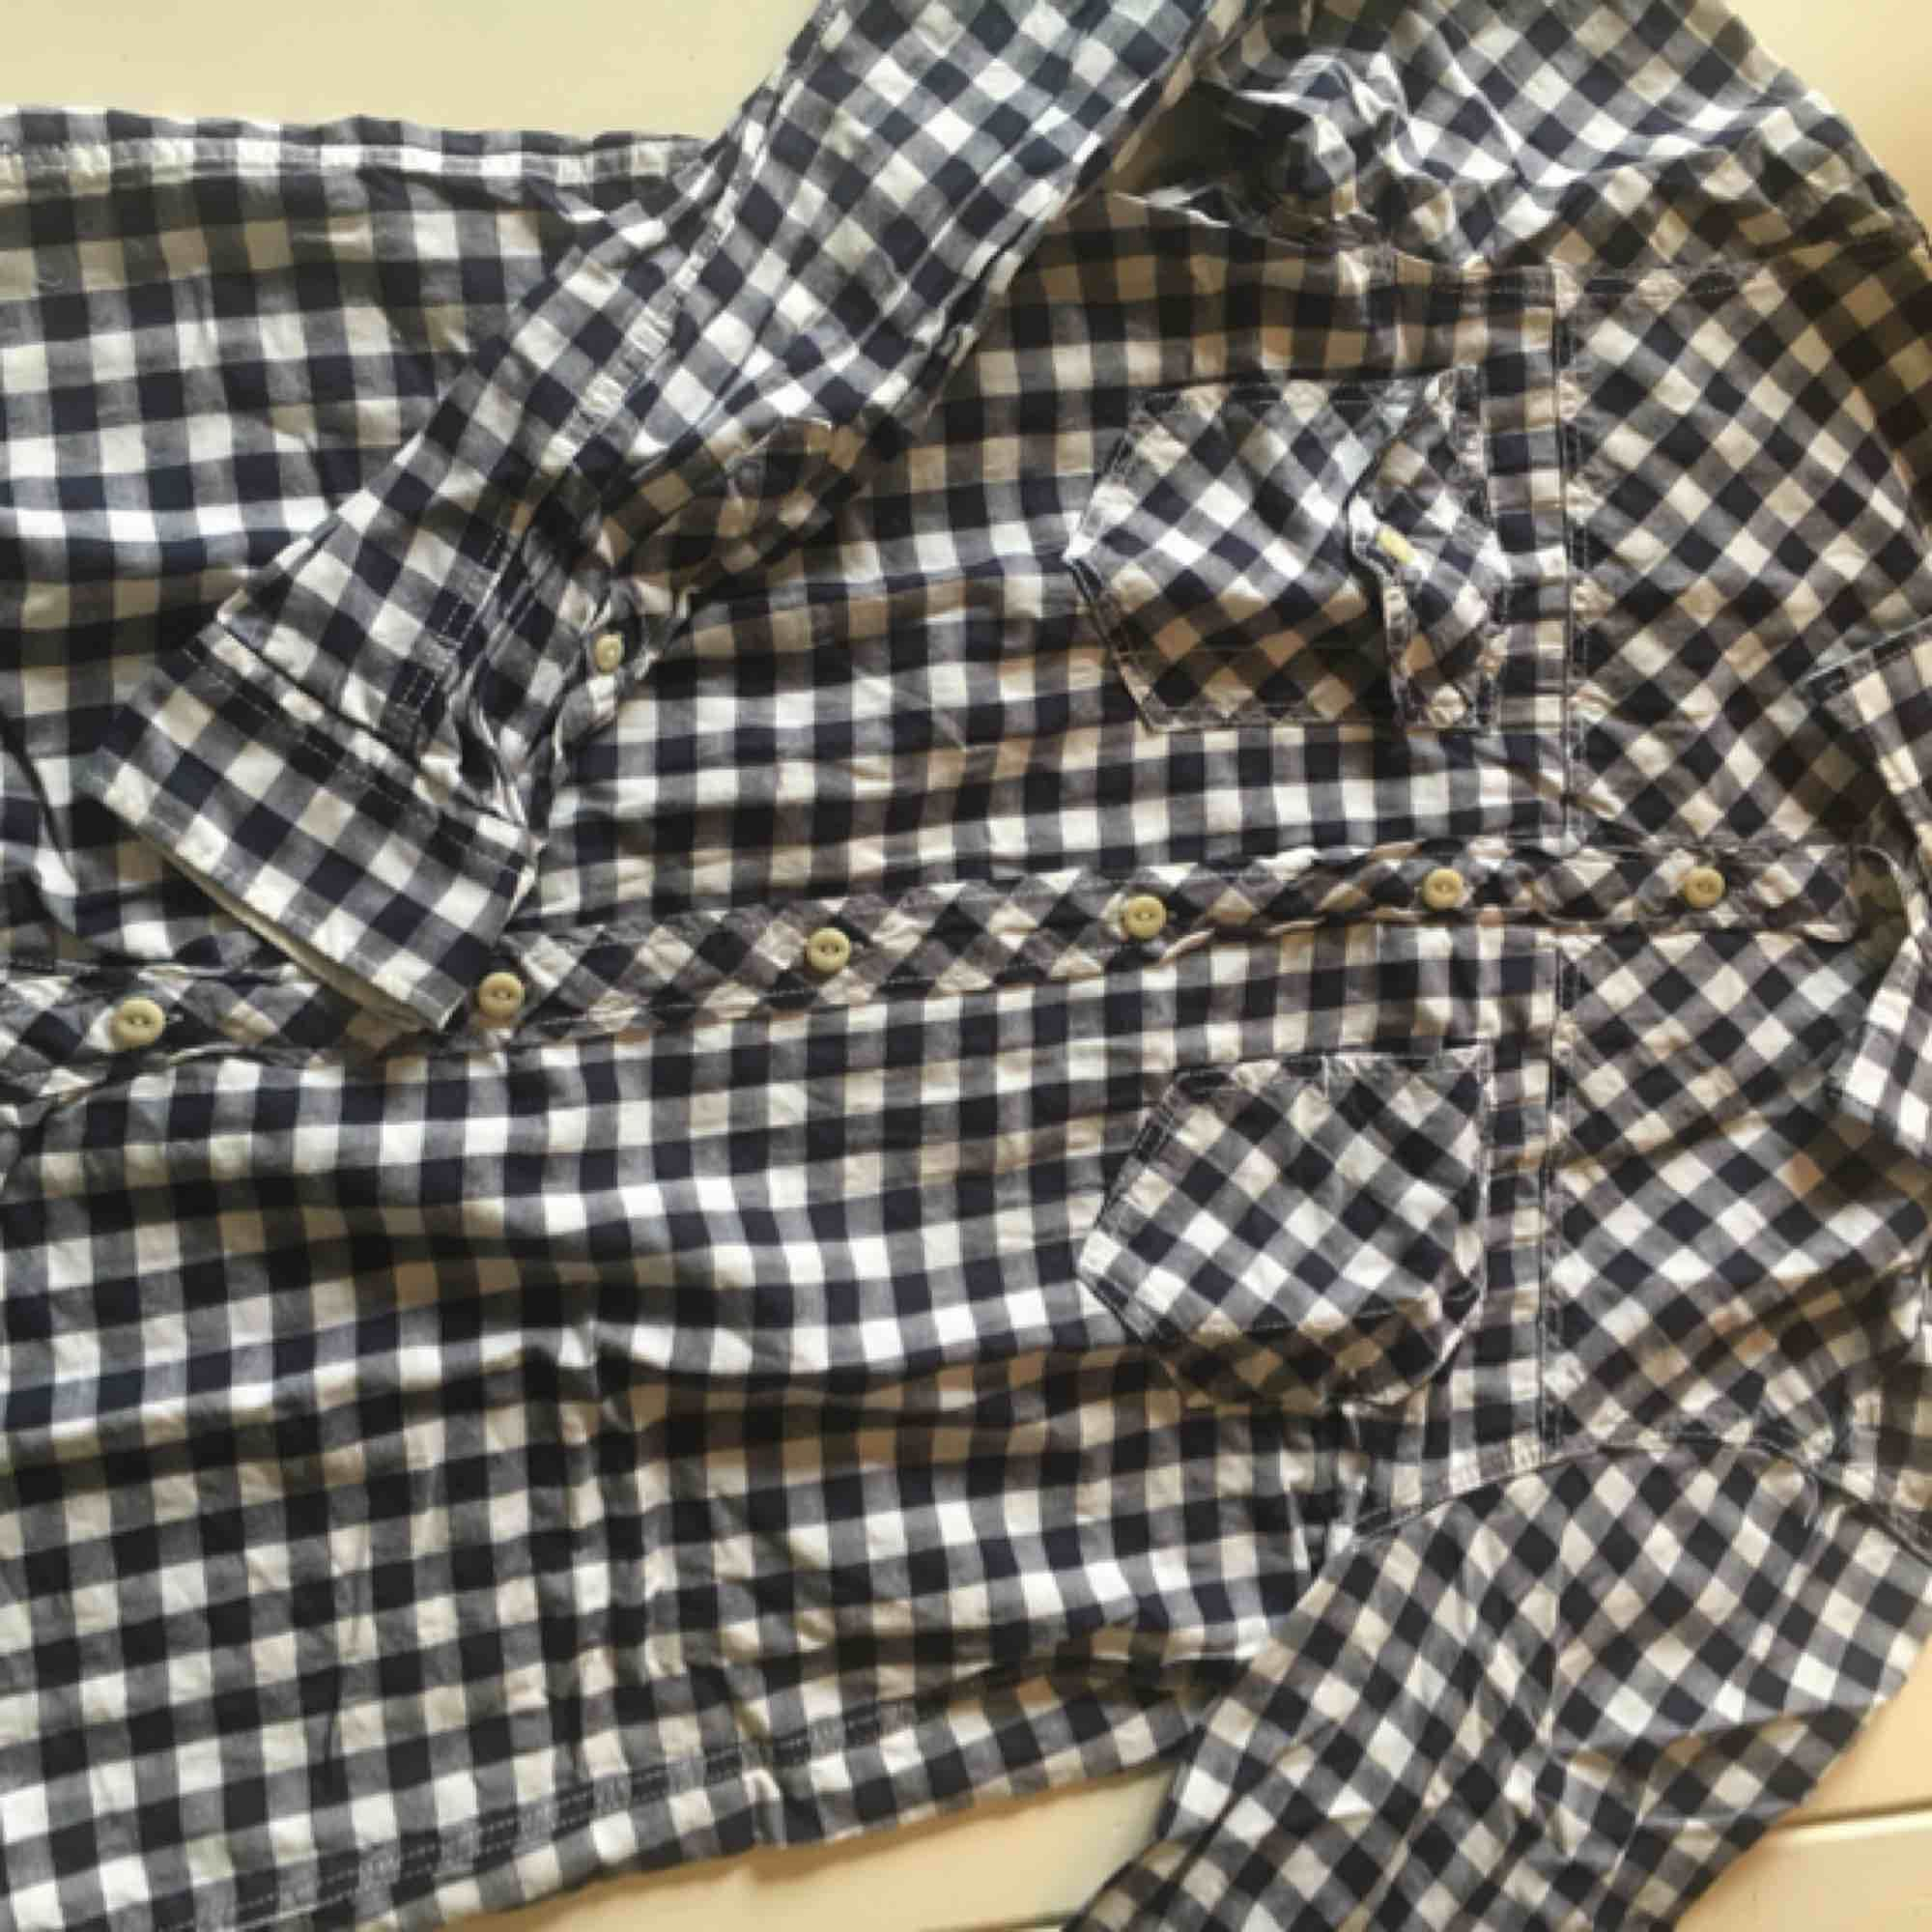 Tärnad skjorta  Blå och vit Använd några gånger Köparen står för frakt. Skjortor.